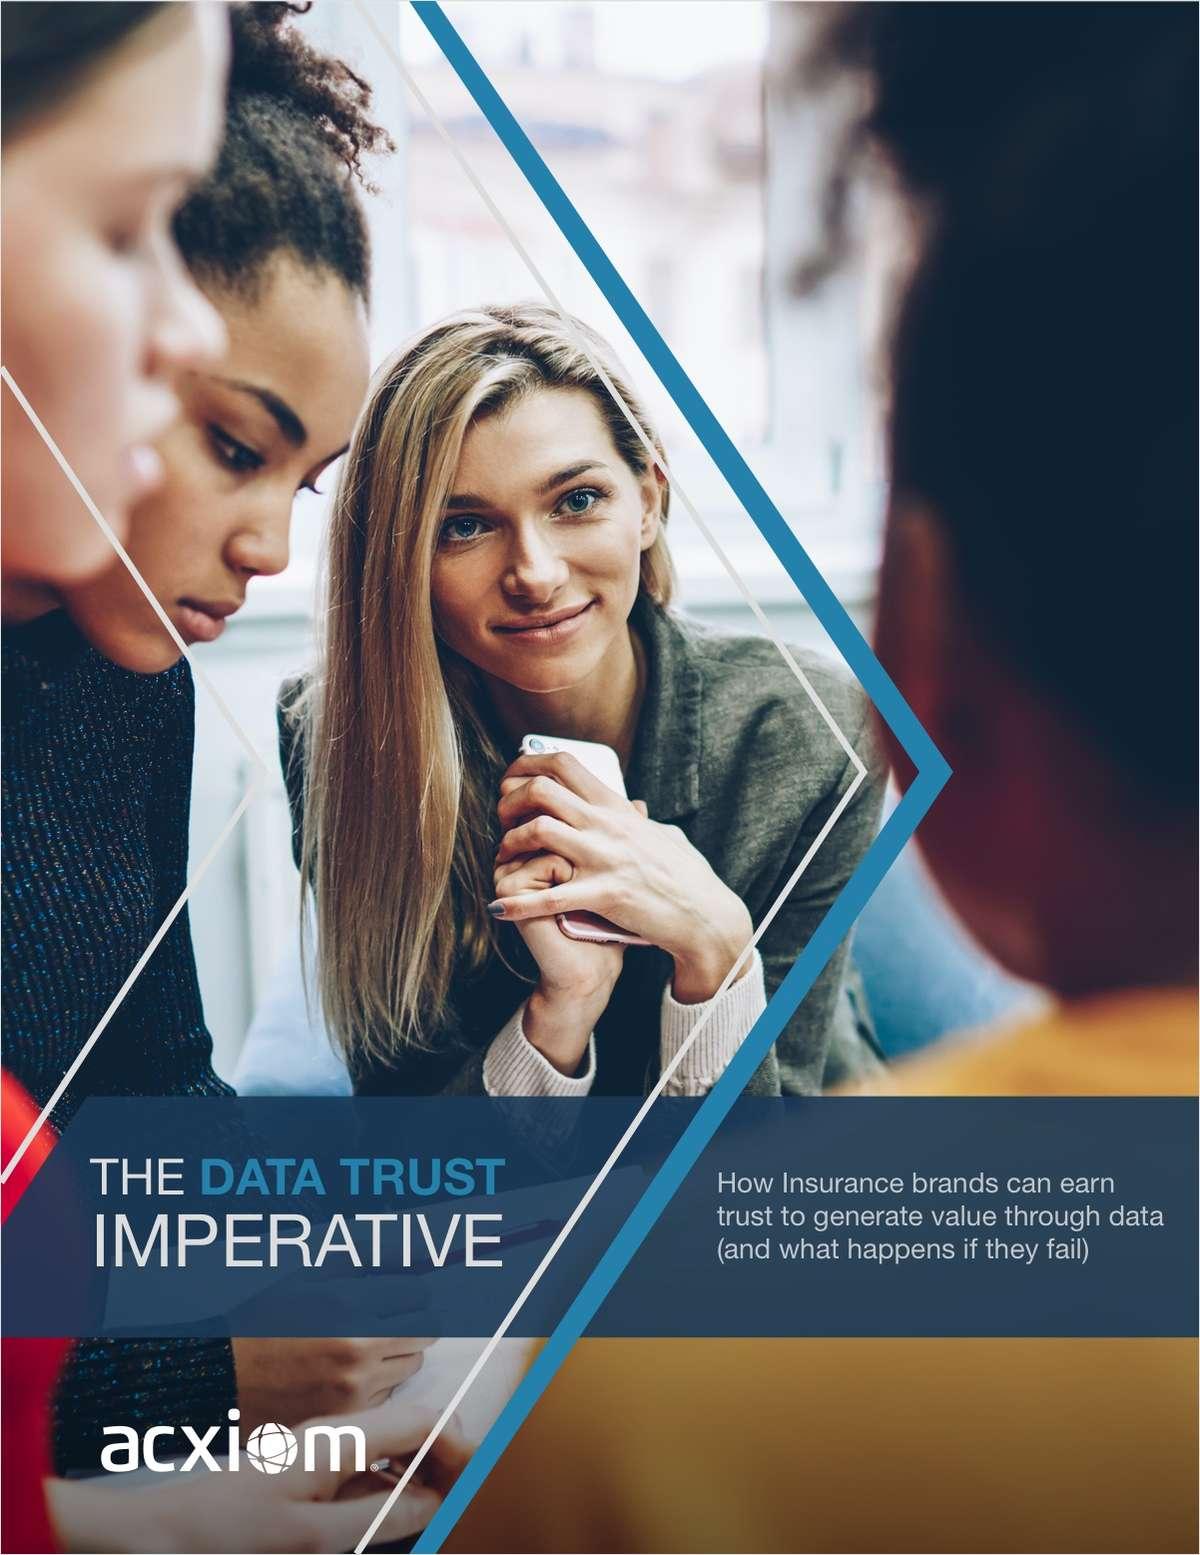 The Data Trust Imperative